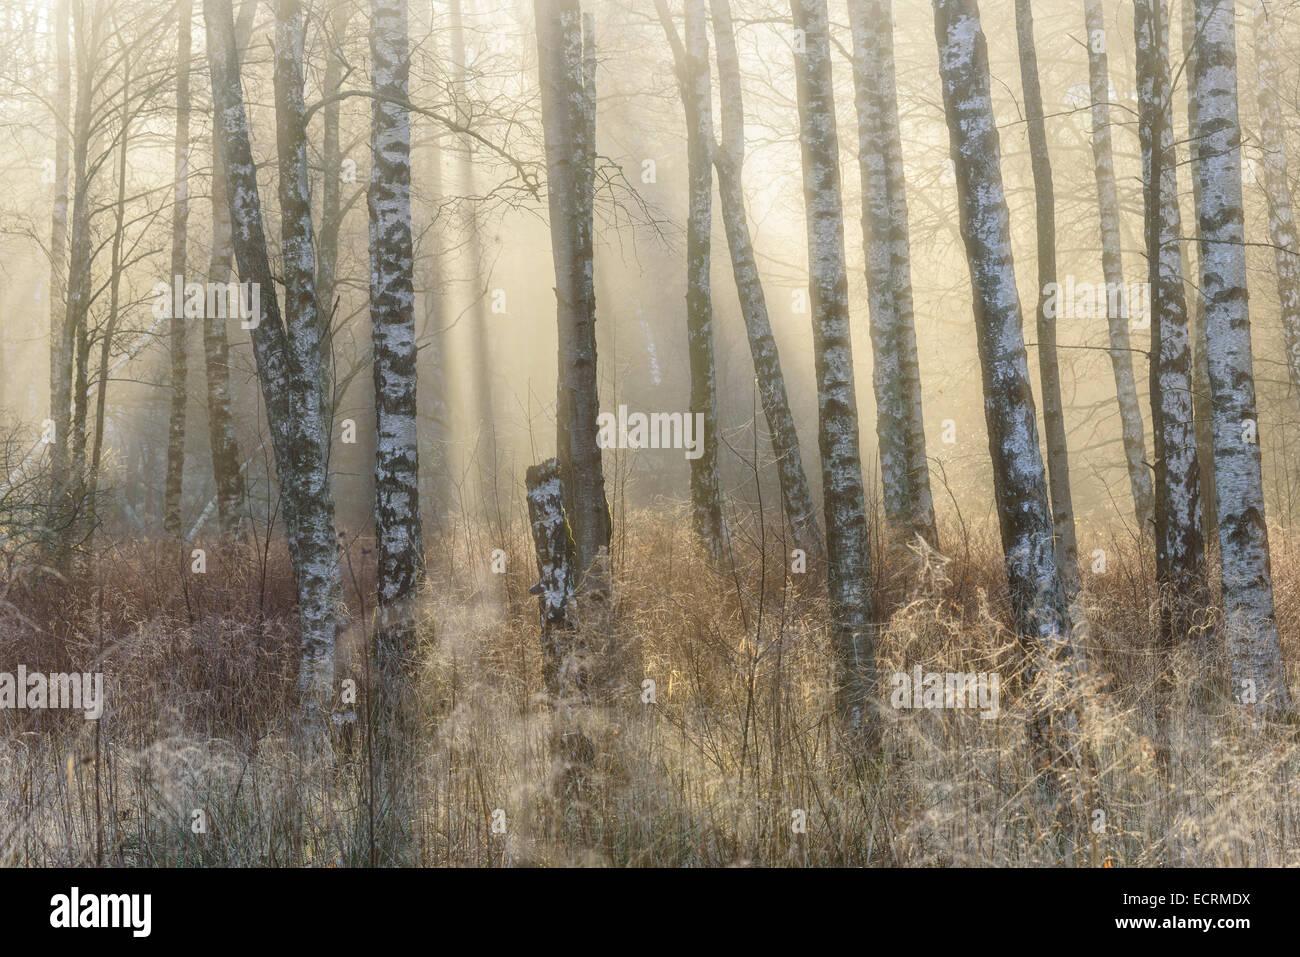 El abedul árboles y hierba en un bosque nebuloso Imagen De Stock